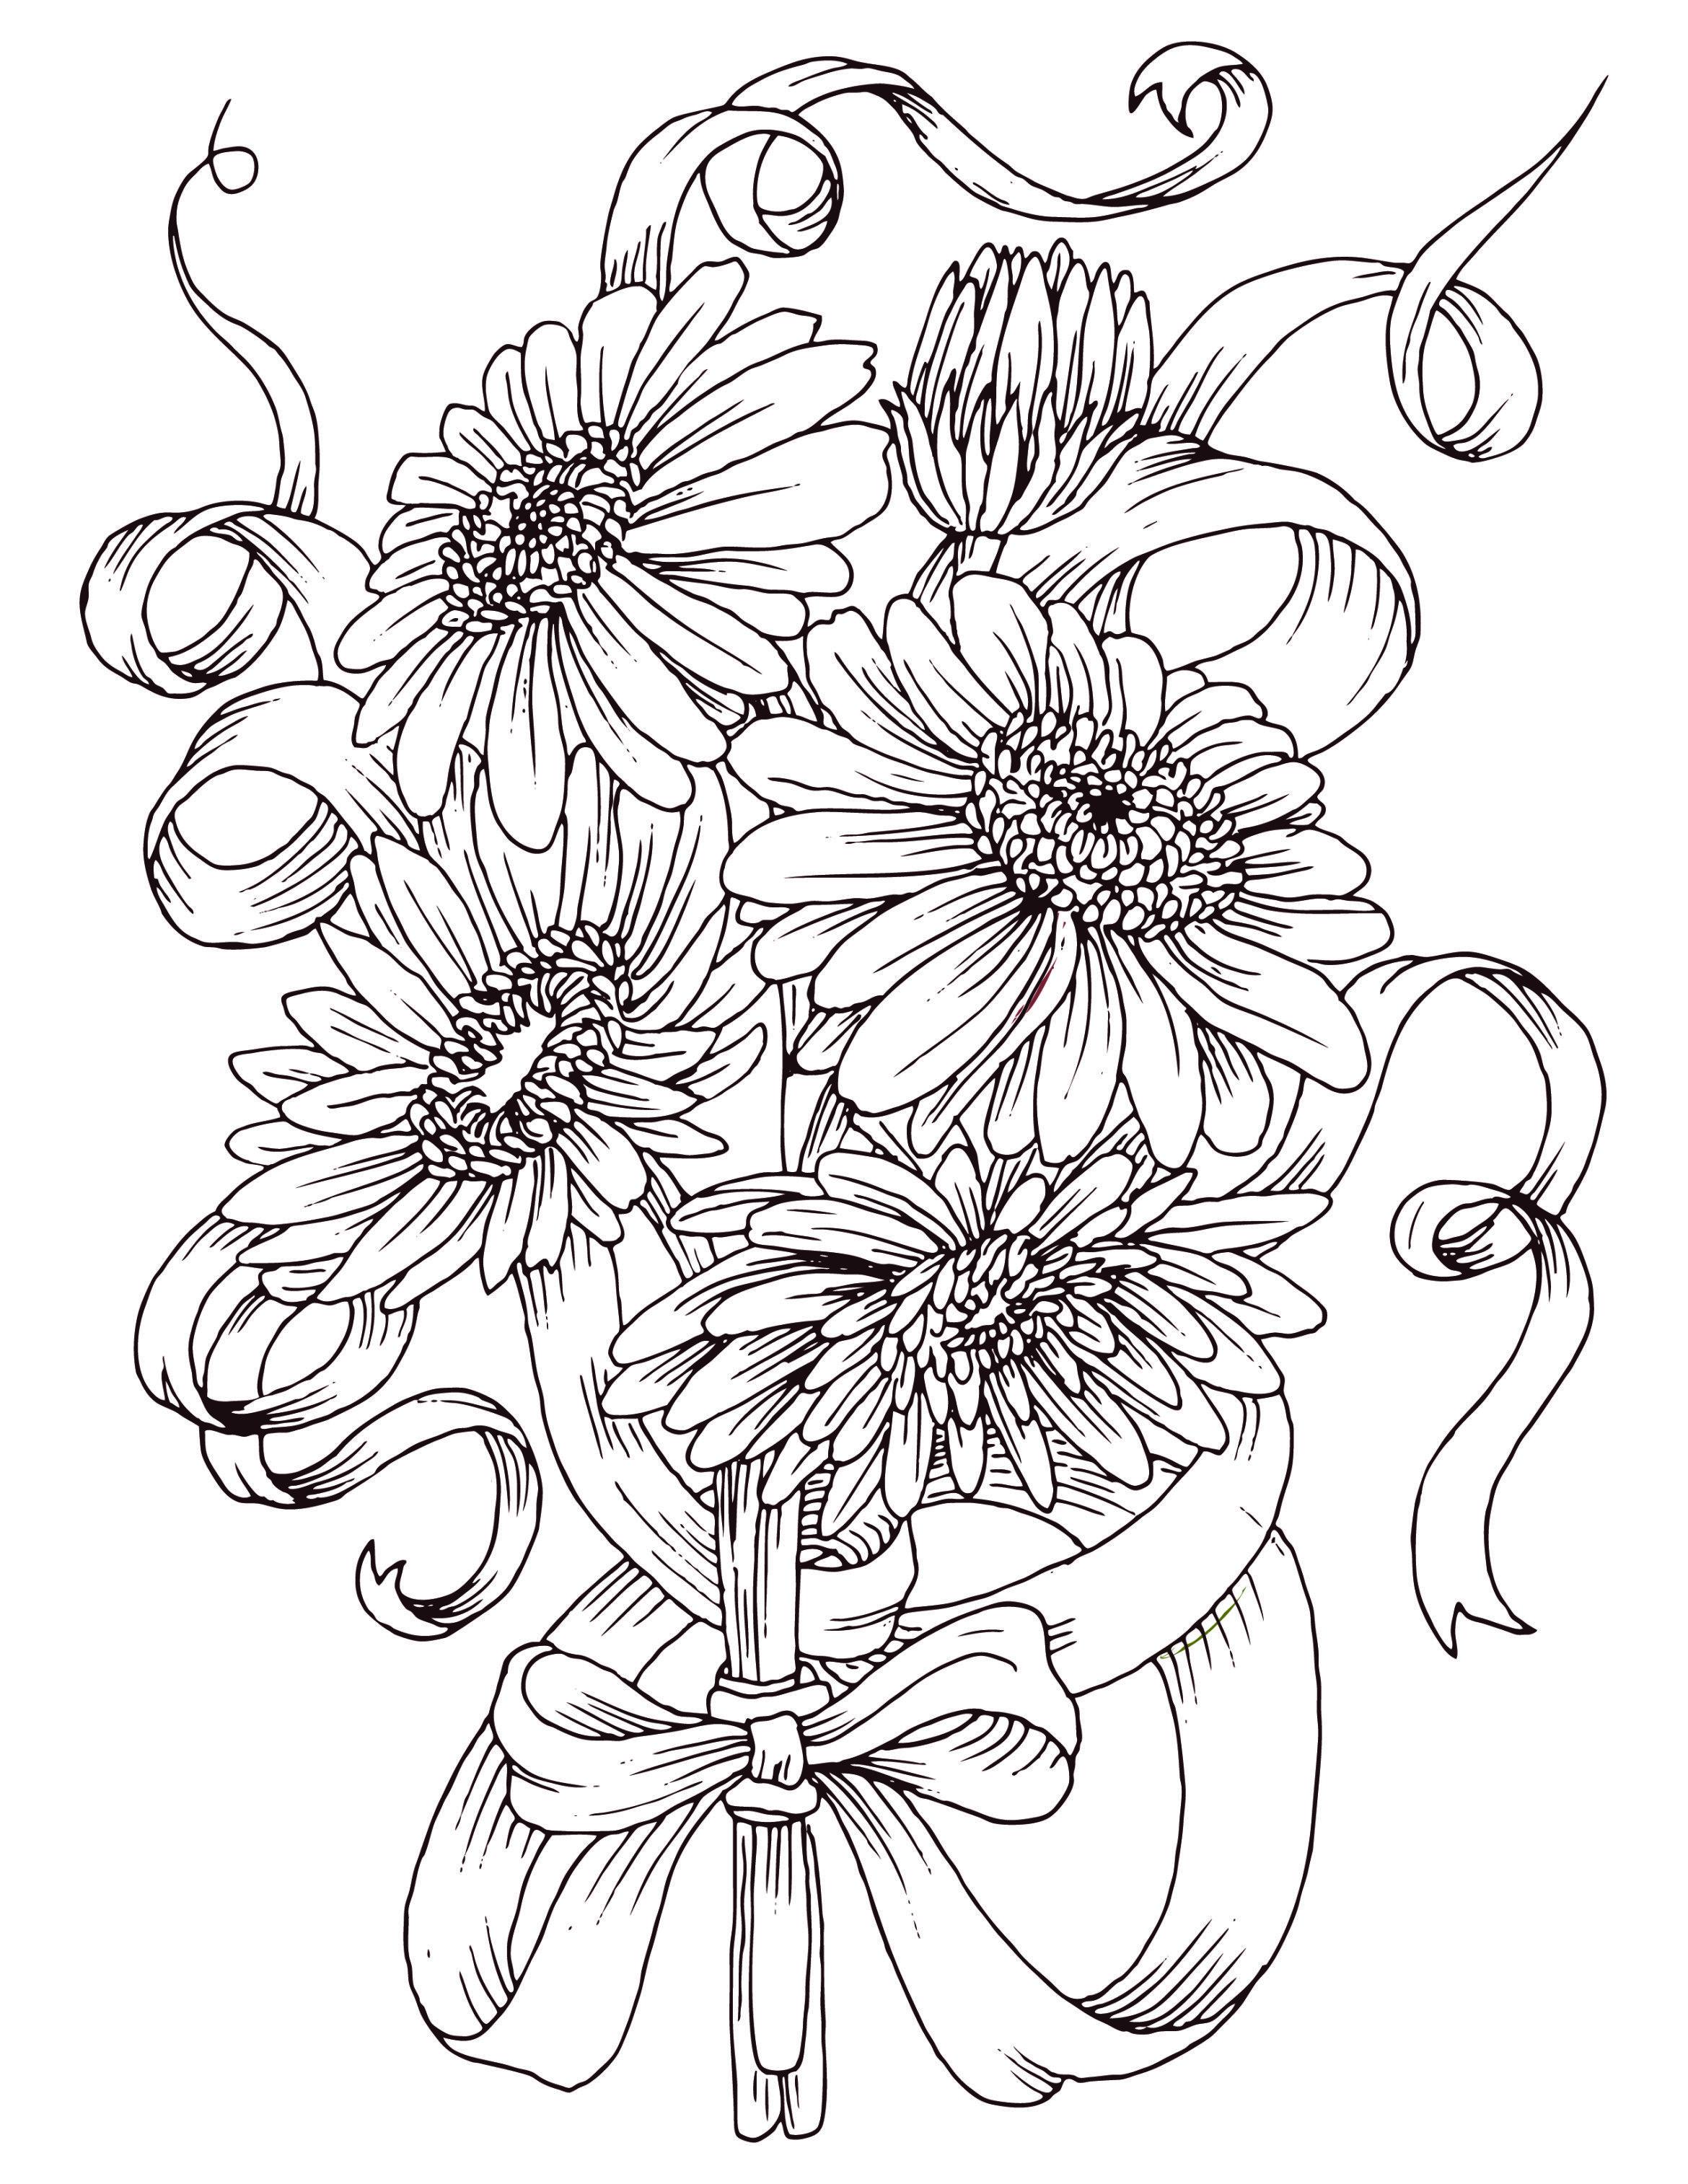 Coloriage gratuit bouquet de fleurs marguerite id es diverses pinterest coloriage - Coloriage bouquet de fleurs ...